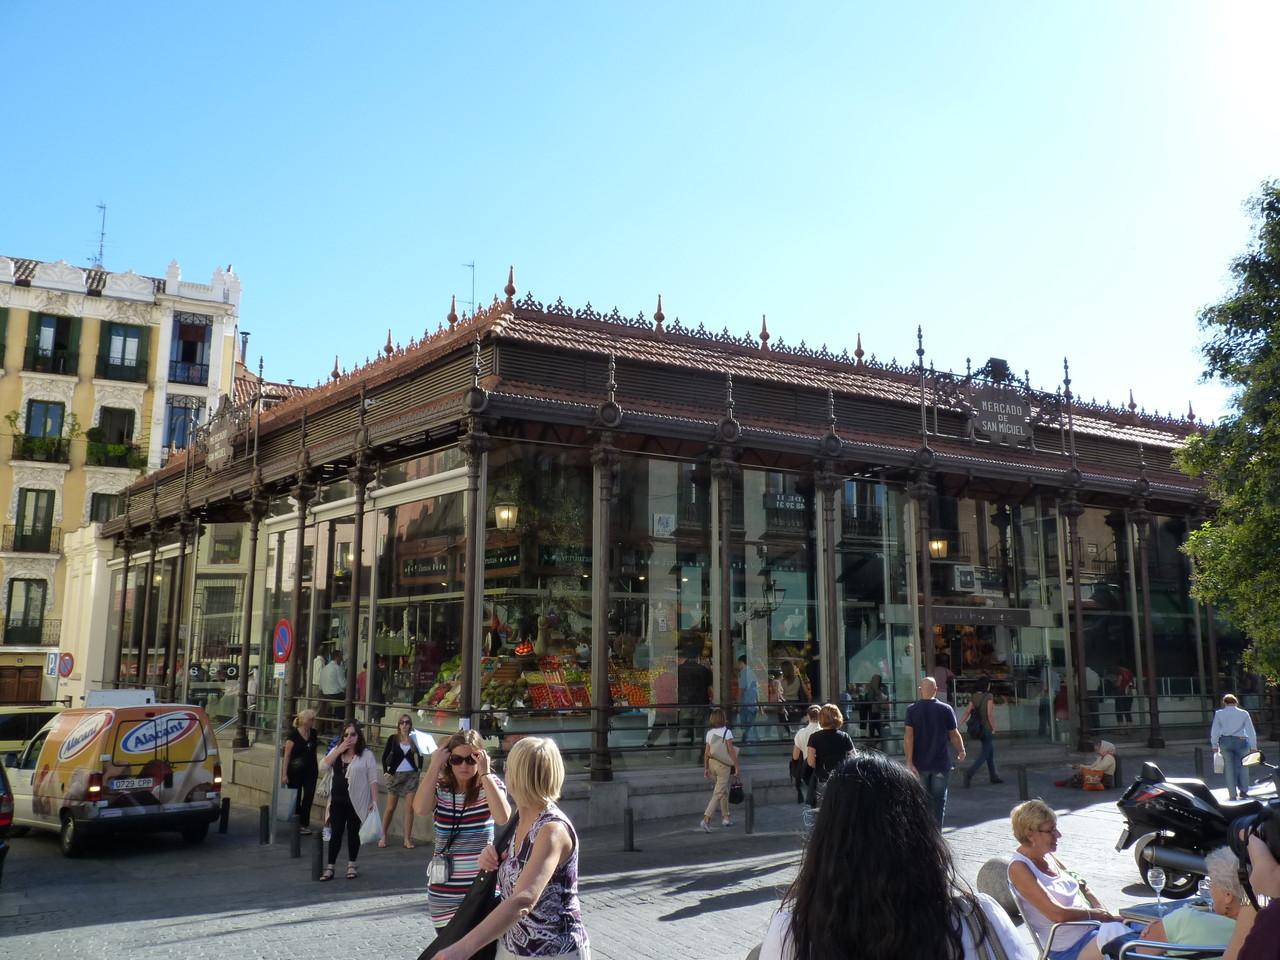 Romântica Madrid-Mercado de San Miguel (2).JPG